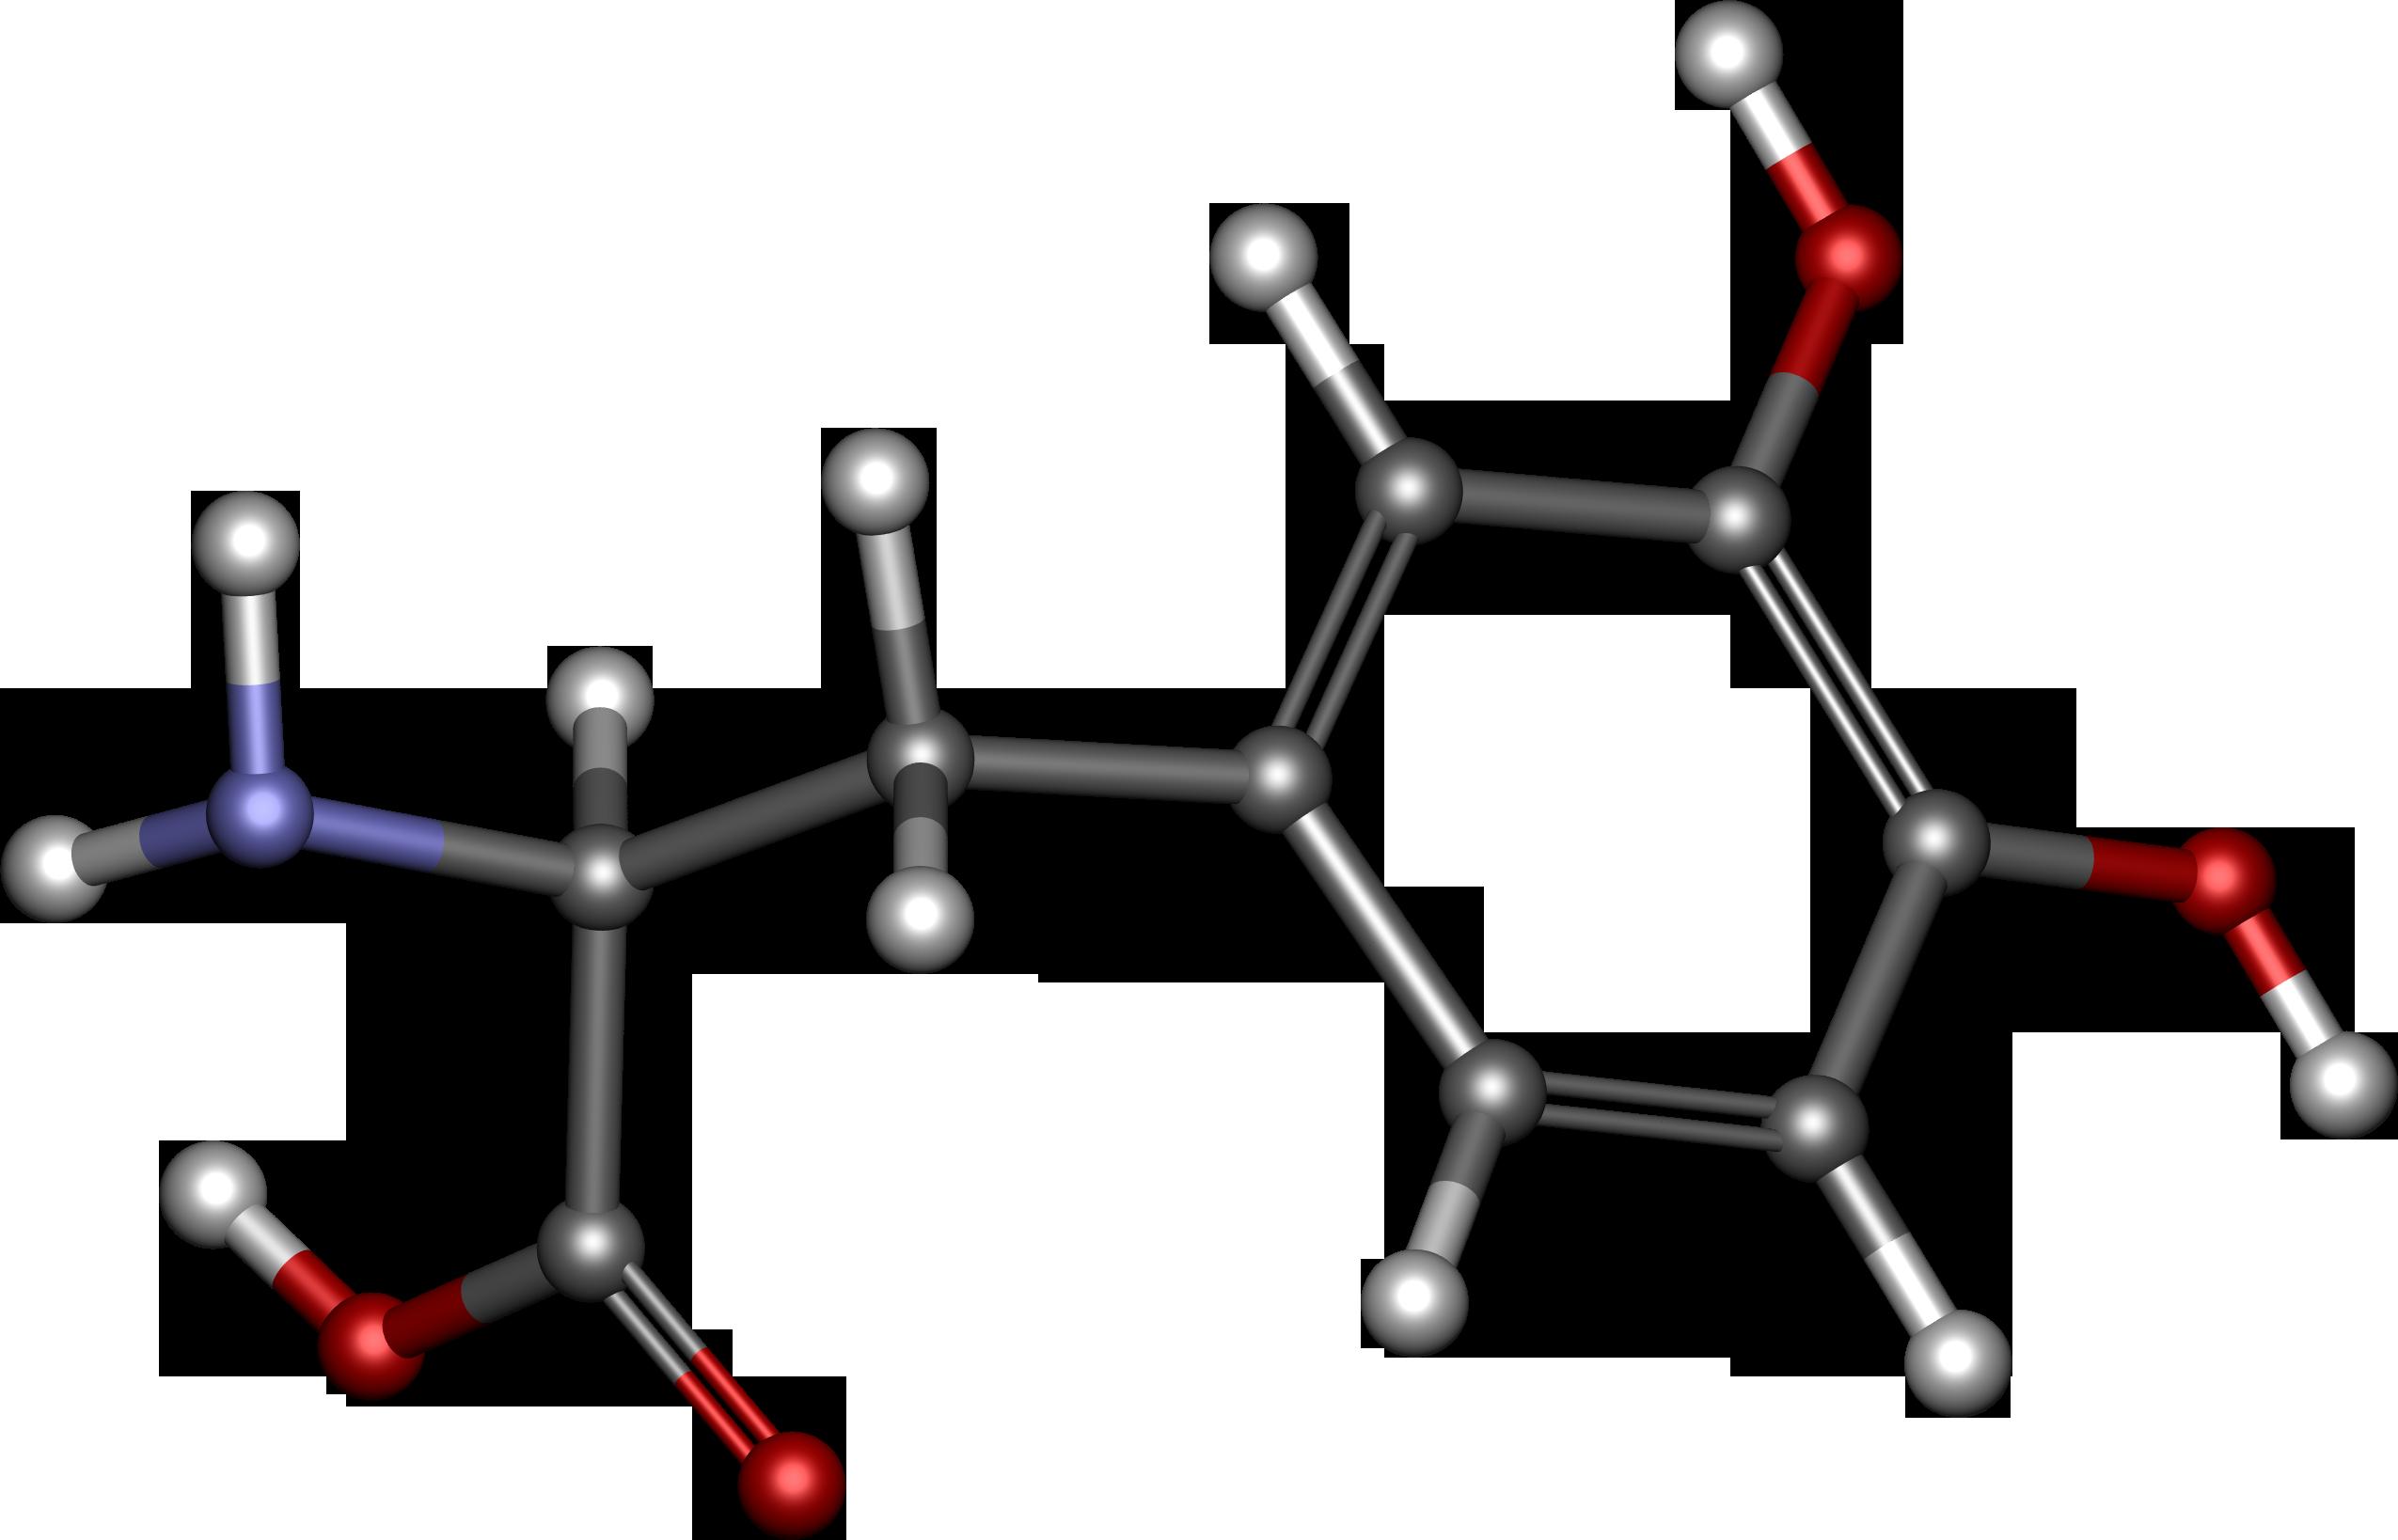 Дофамин - гормон счастья: описание, влияние на организм, как увеличить уровень дофамина